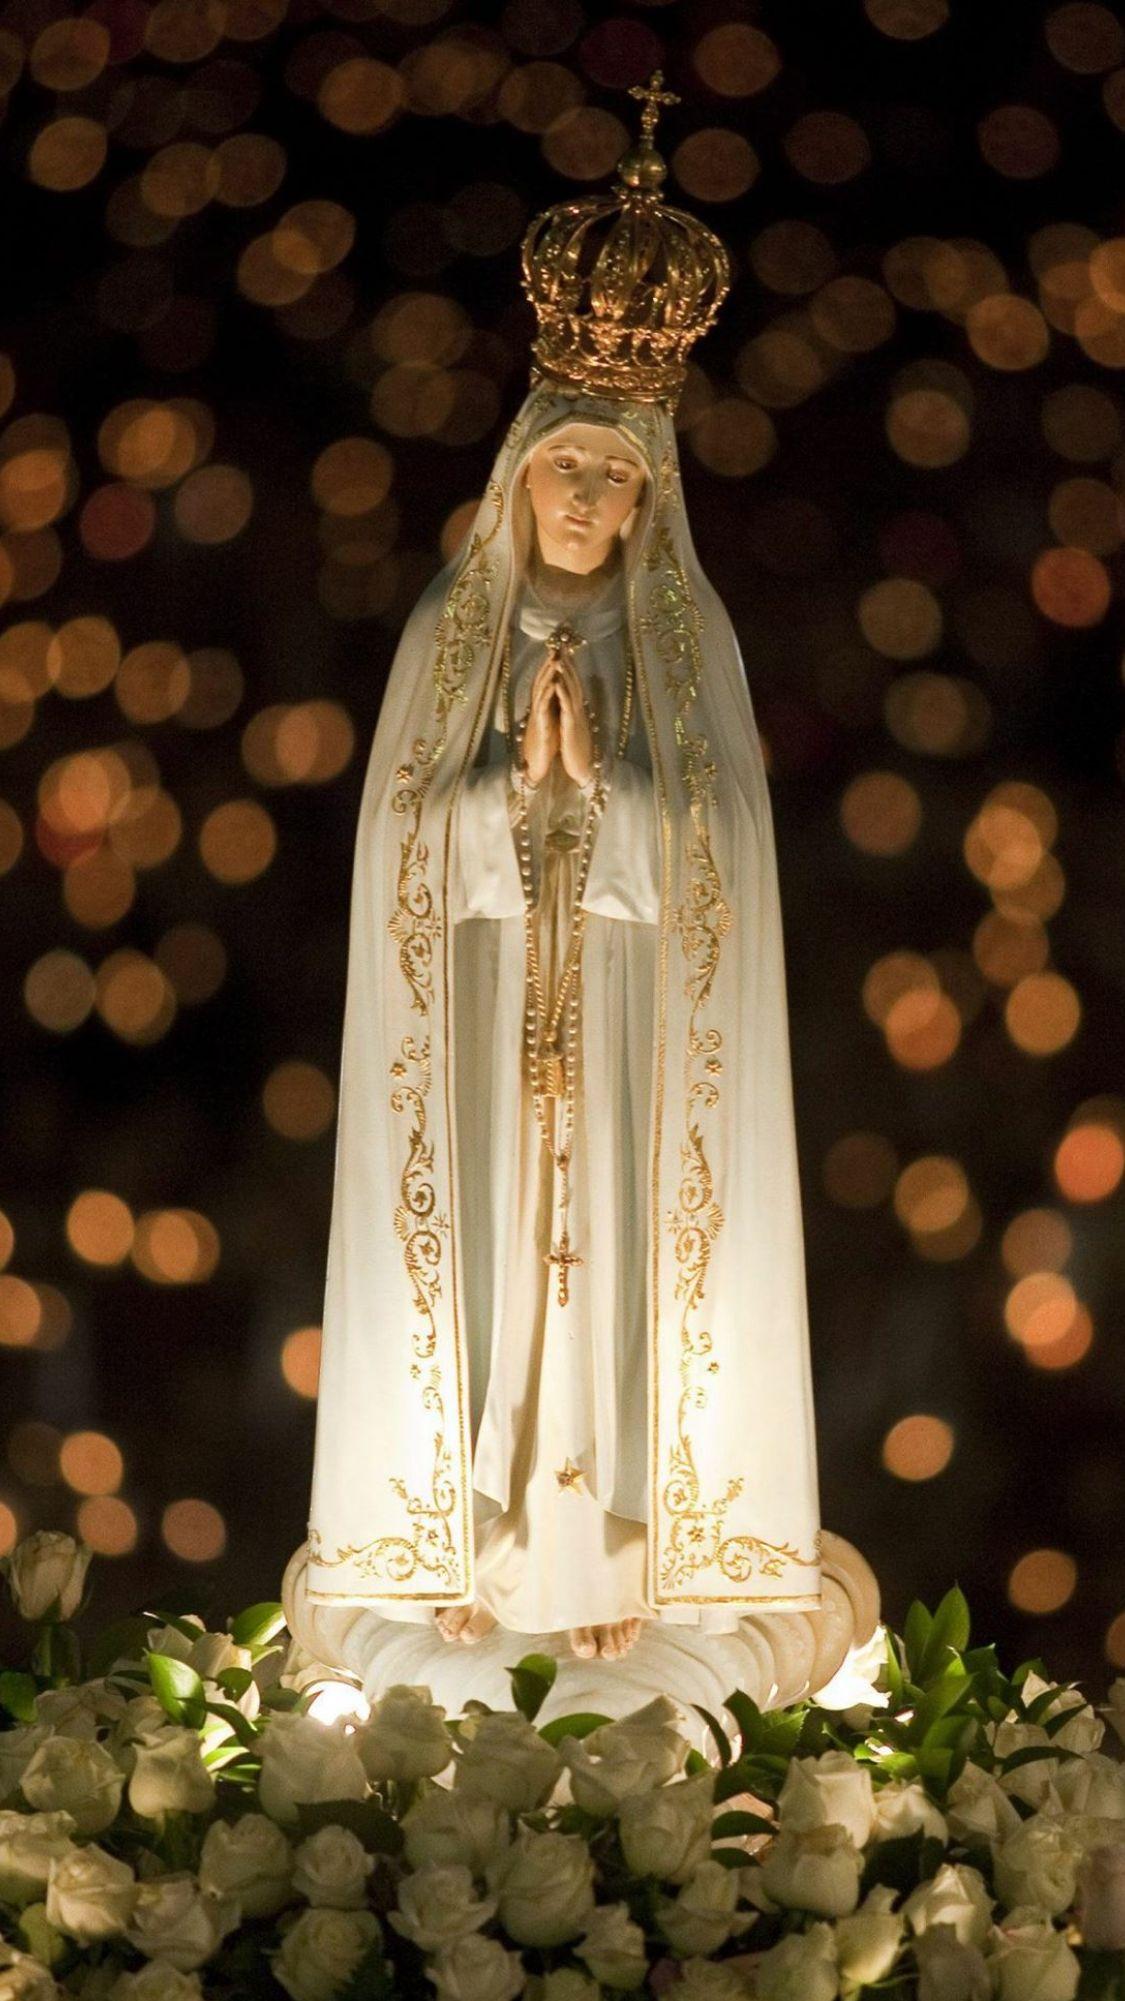 Madonna Di Fatima Imagem Do Santissimo Sacramento Fotos De